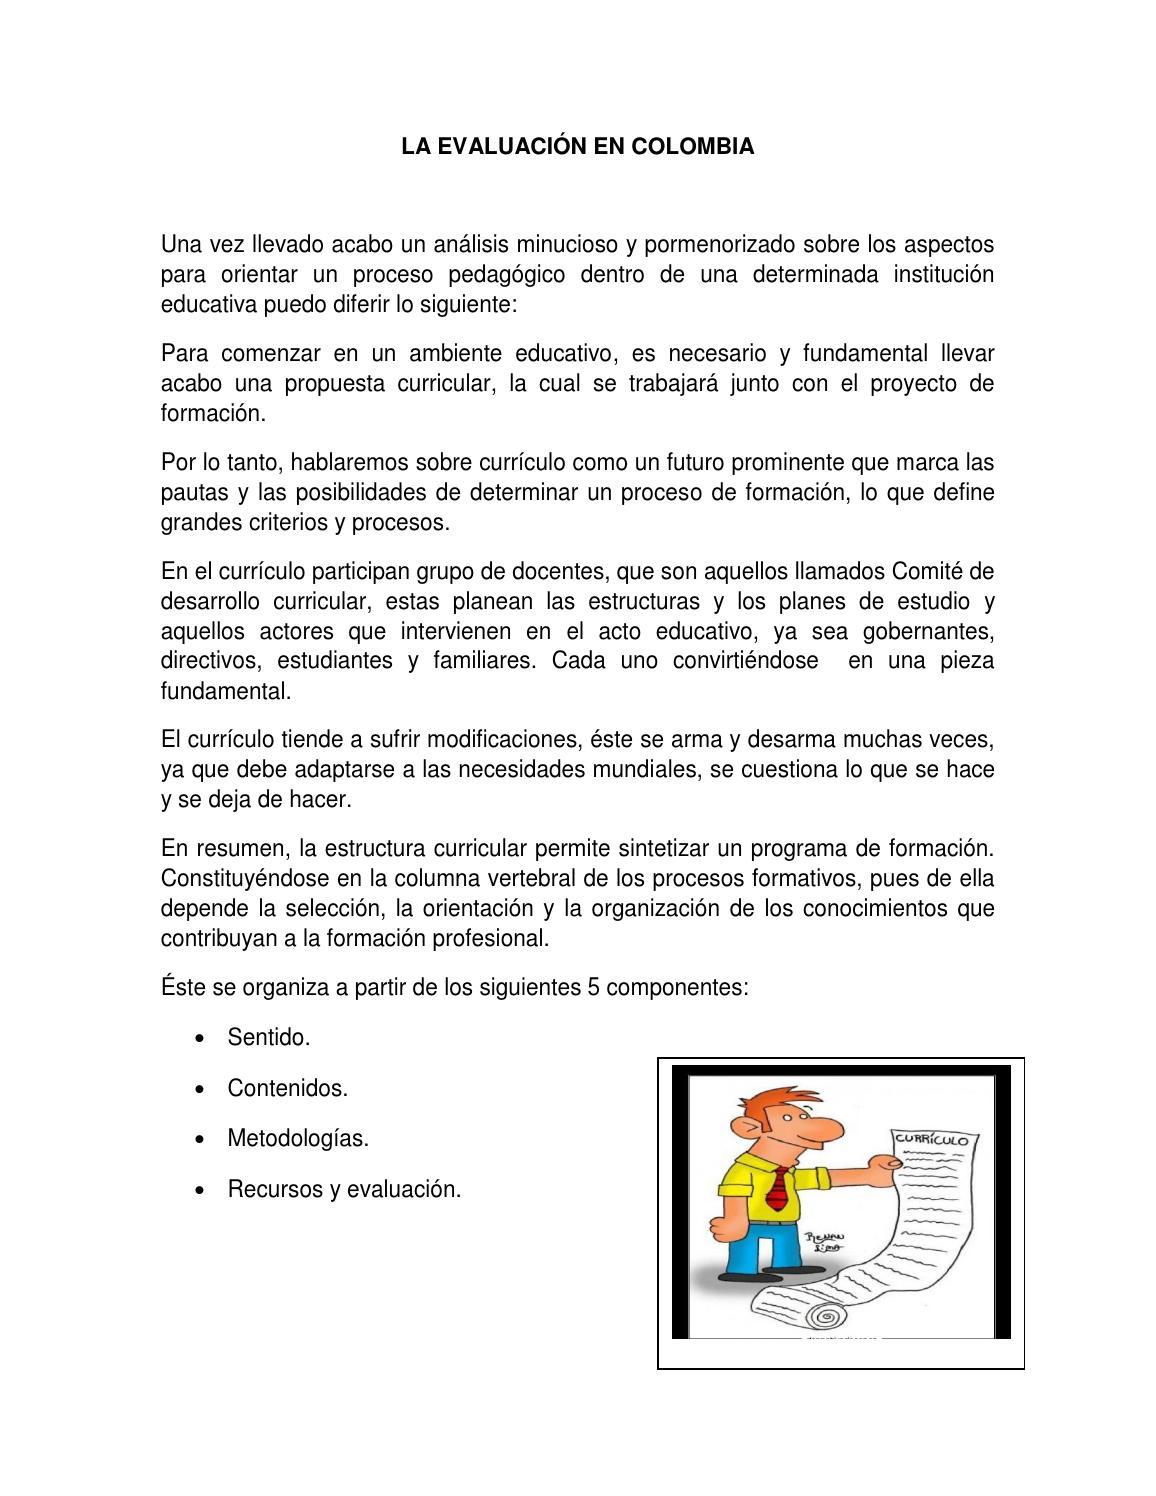 La Evaluación En Colombia By Mafeescorcia Issuu